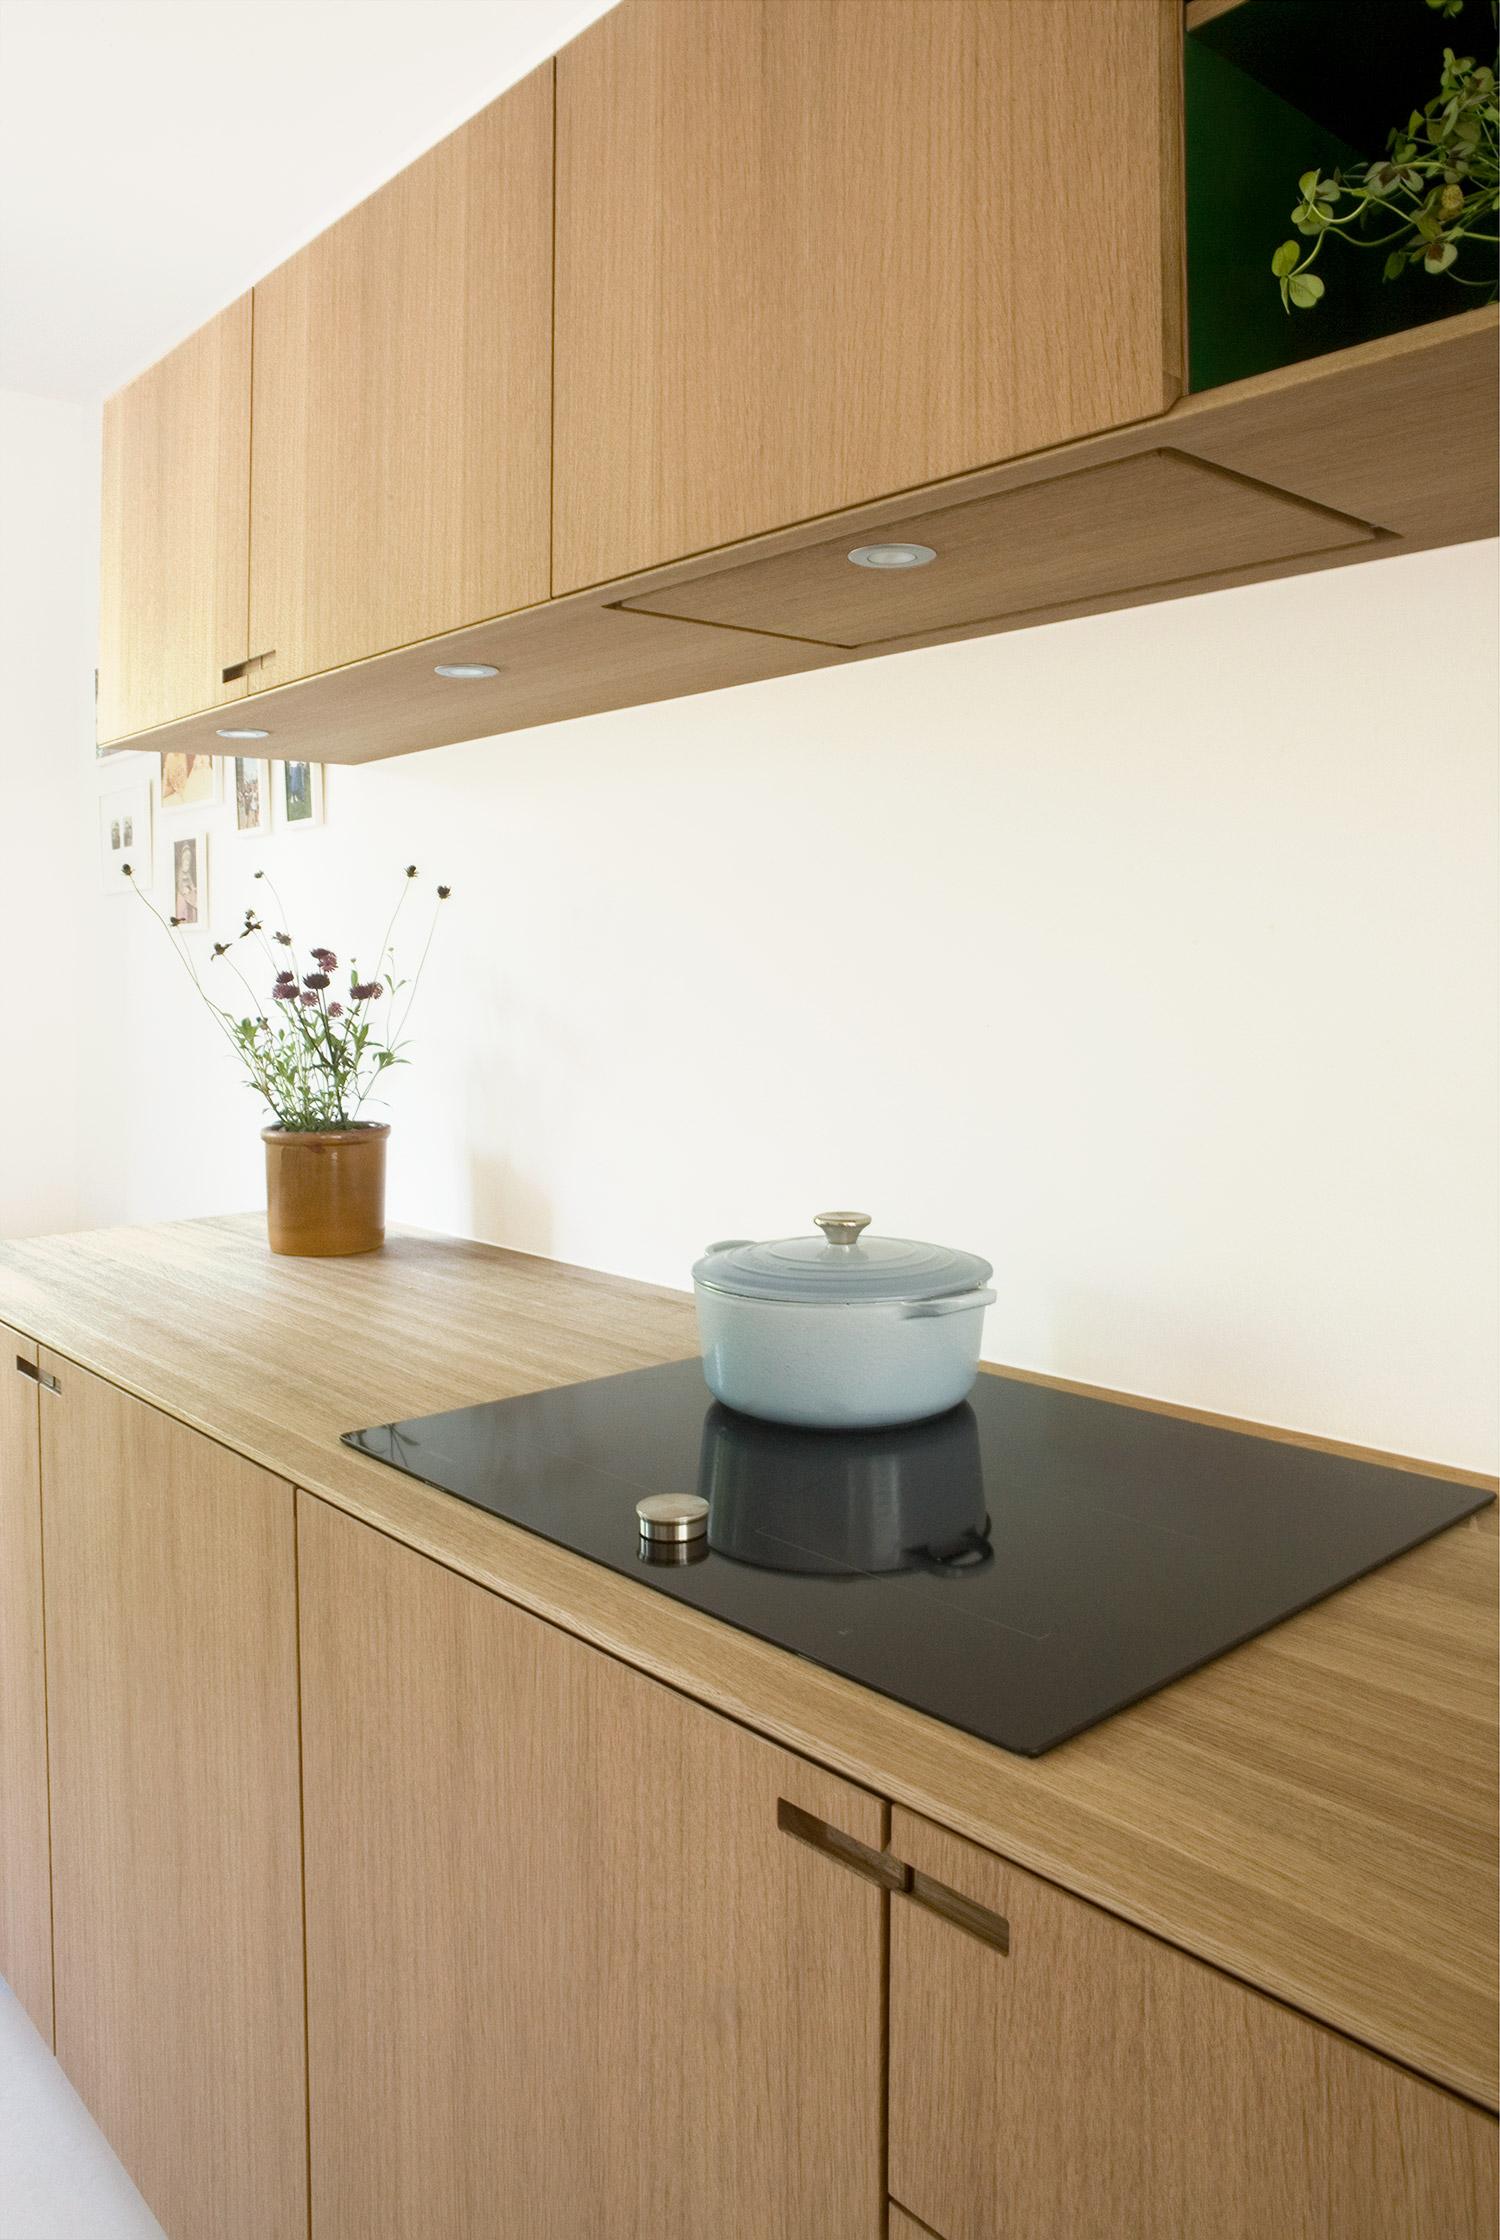 Snedkerkøkkenet Egernvej i egetræ og grøn linoleum - minimalistisk køkken designet og produceret af køkkensnedker Nicolaj Bo™